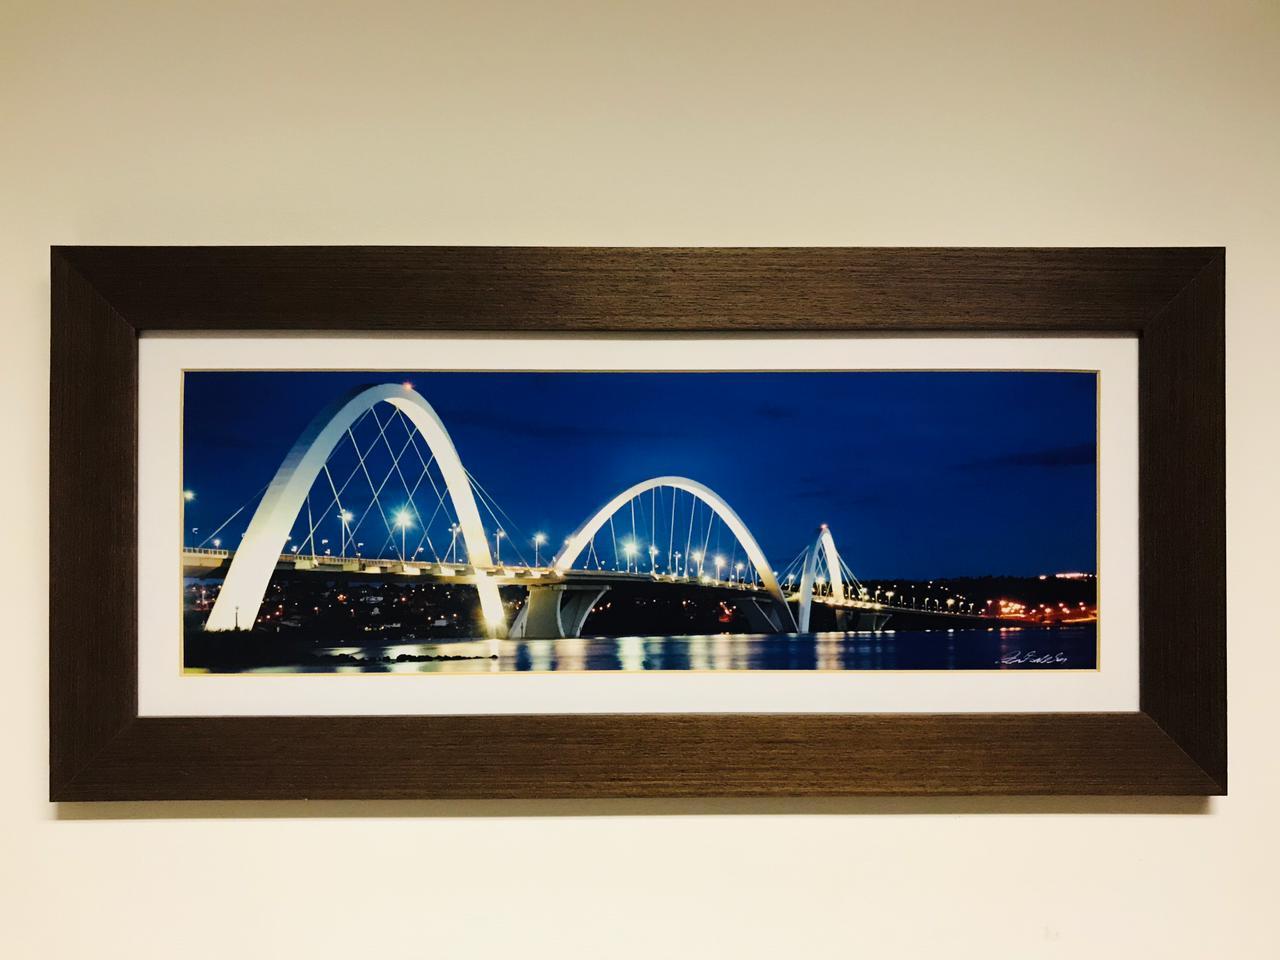 Quadro com uma fotografia da Ponte JK